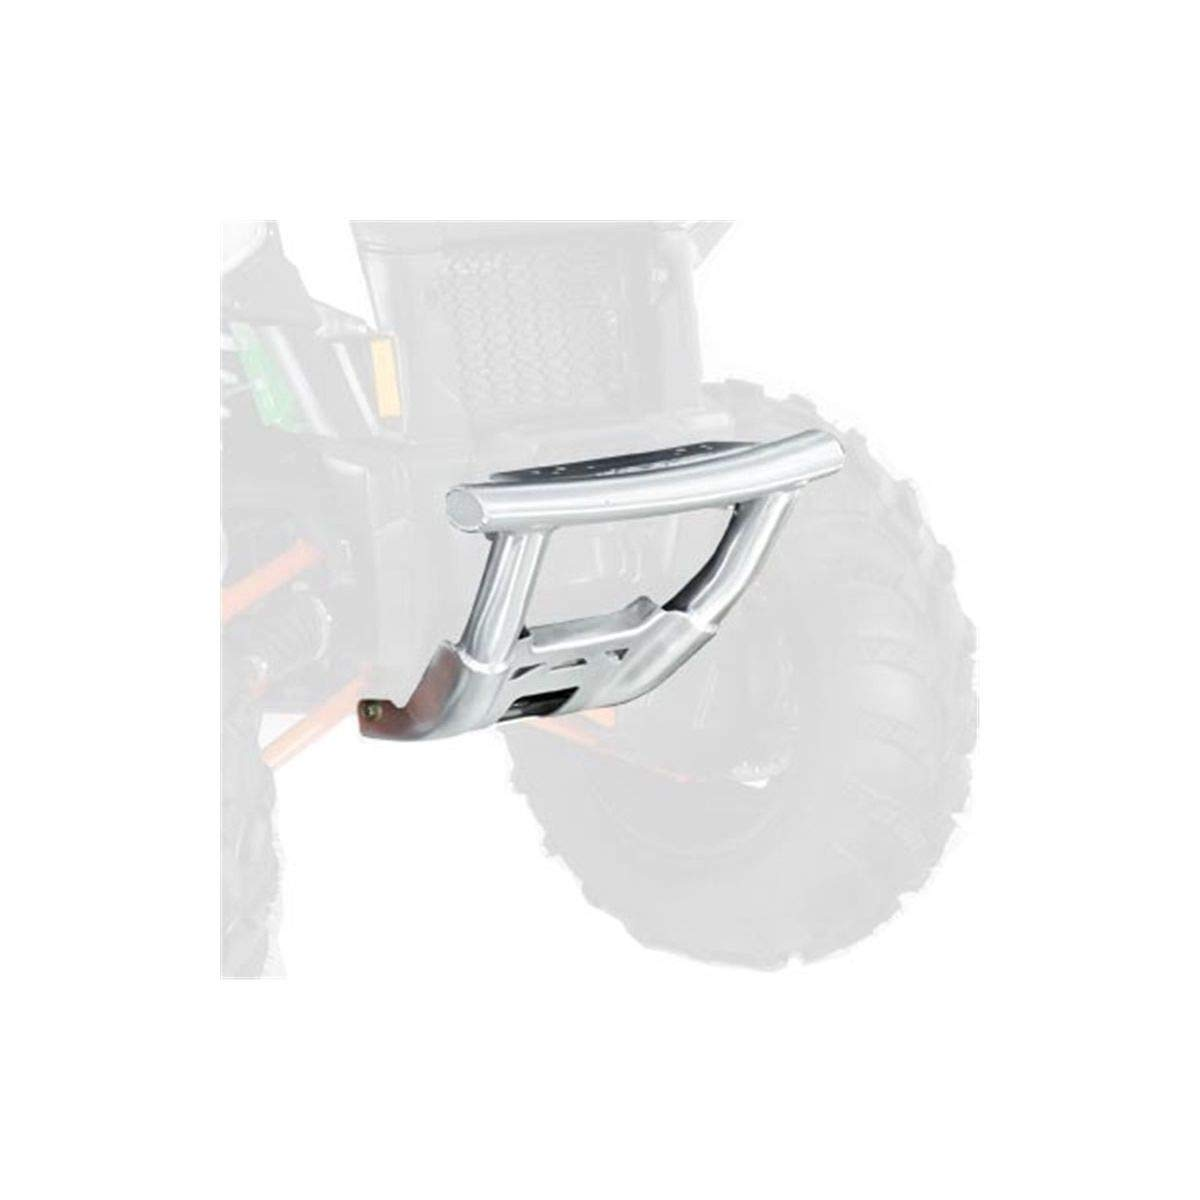 15-18 POLARIS SCRAM850 Polaris Genuine Accessories Baja Bumper Aluminum